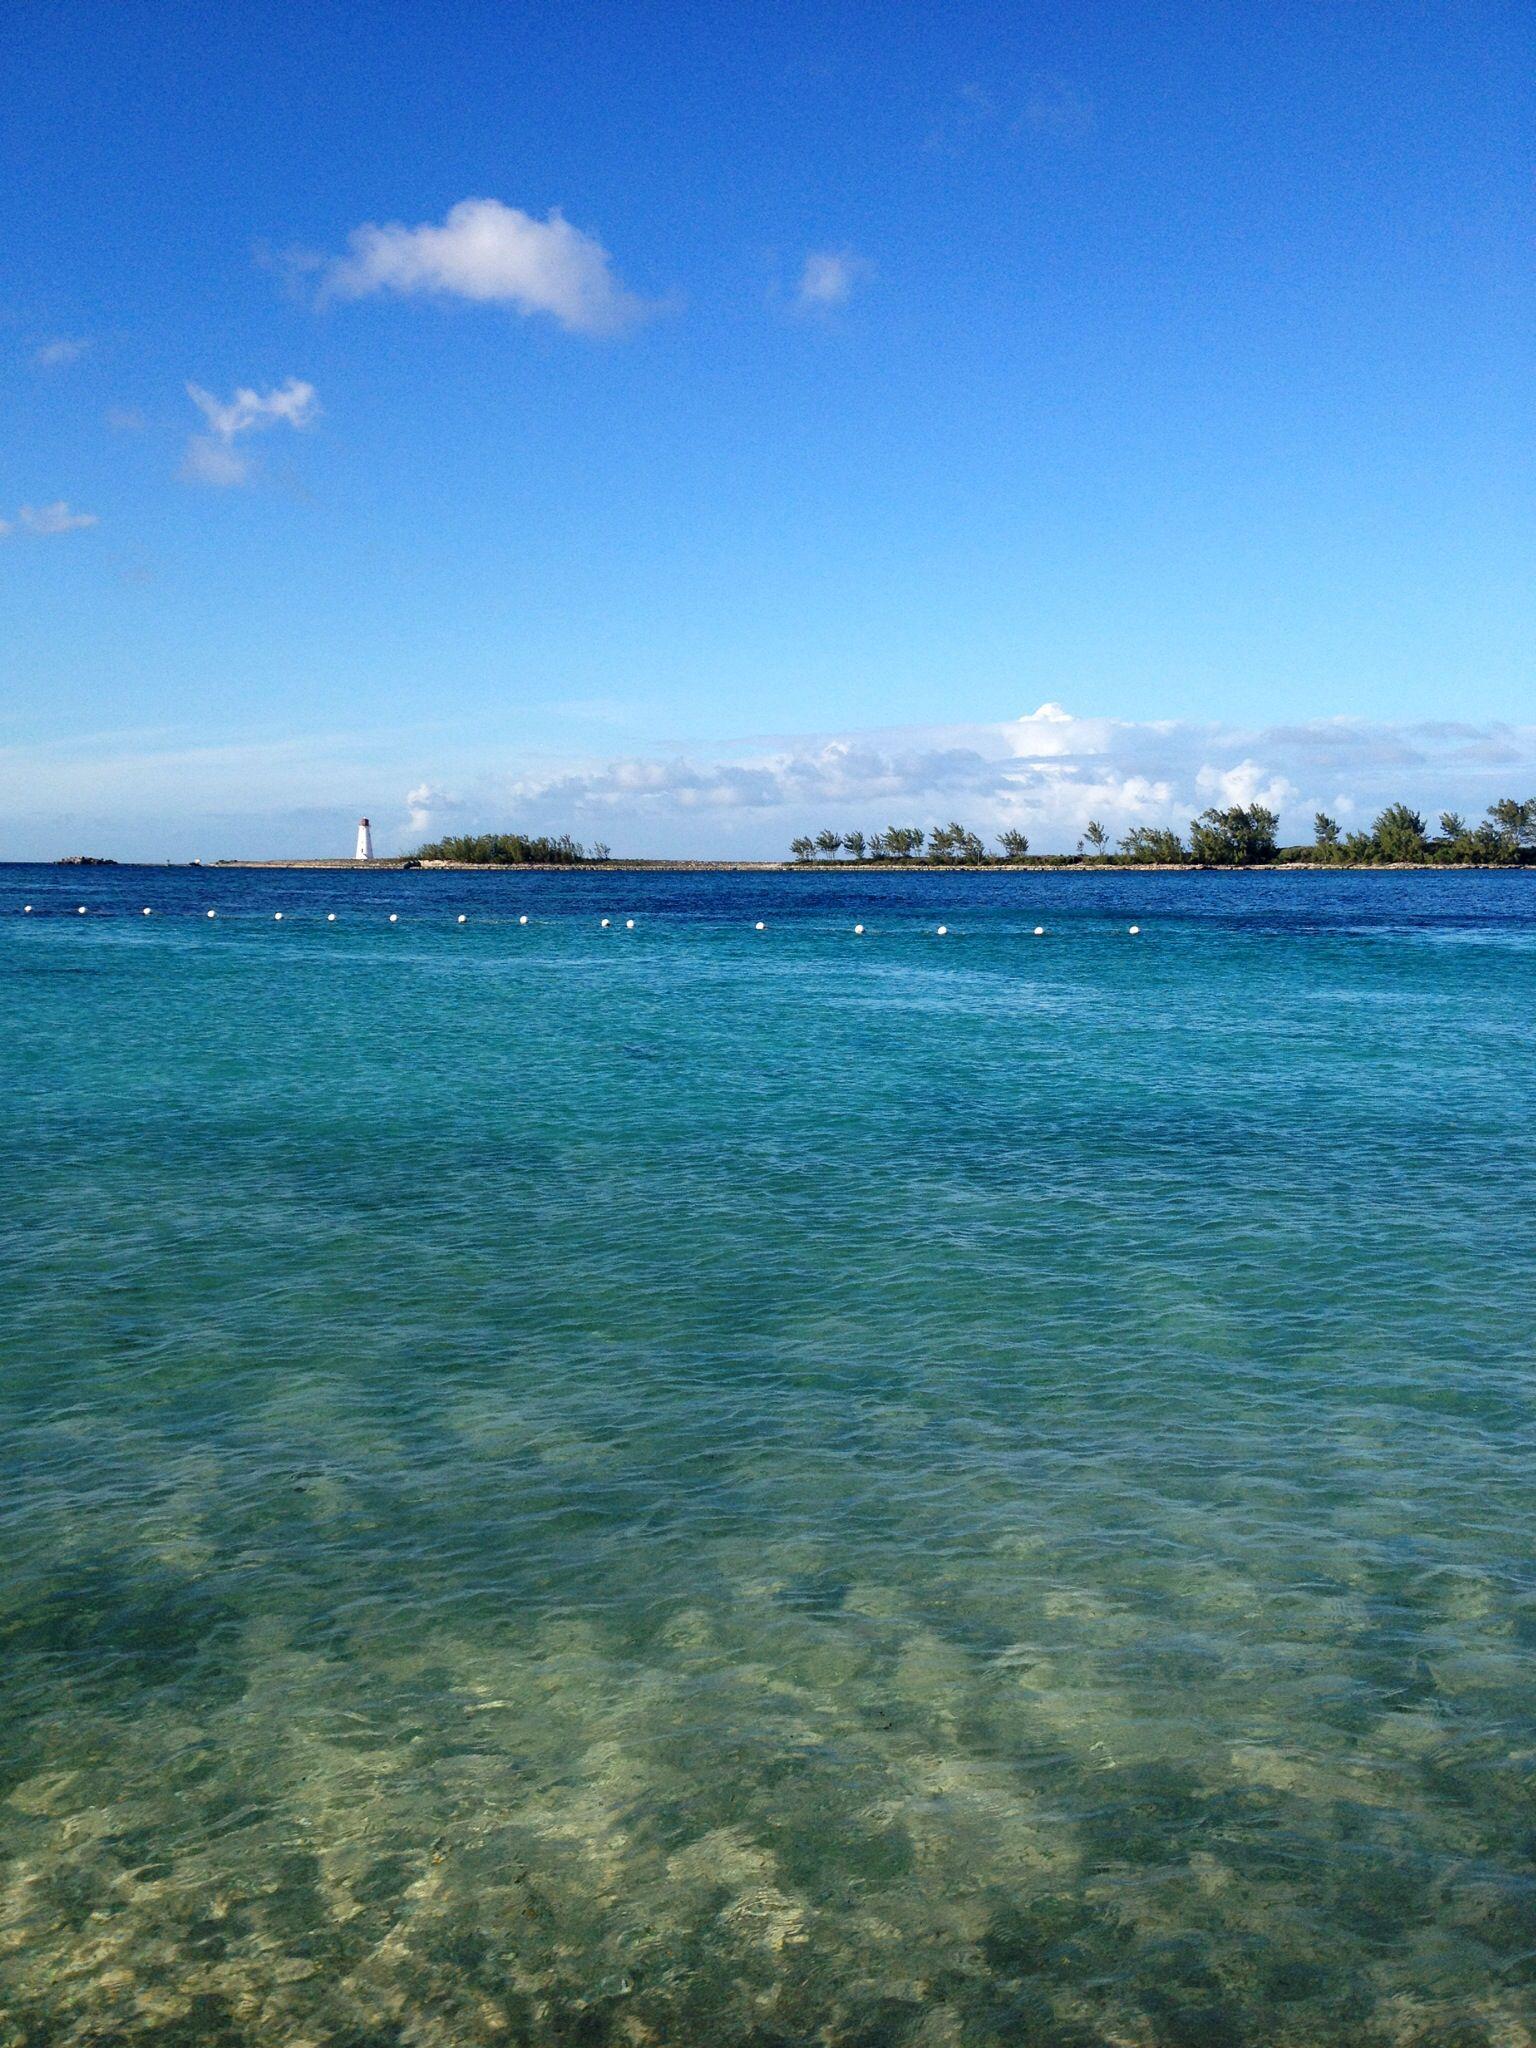 I also traveled to Nassau, Bahamas!